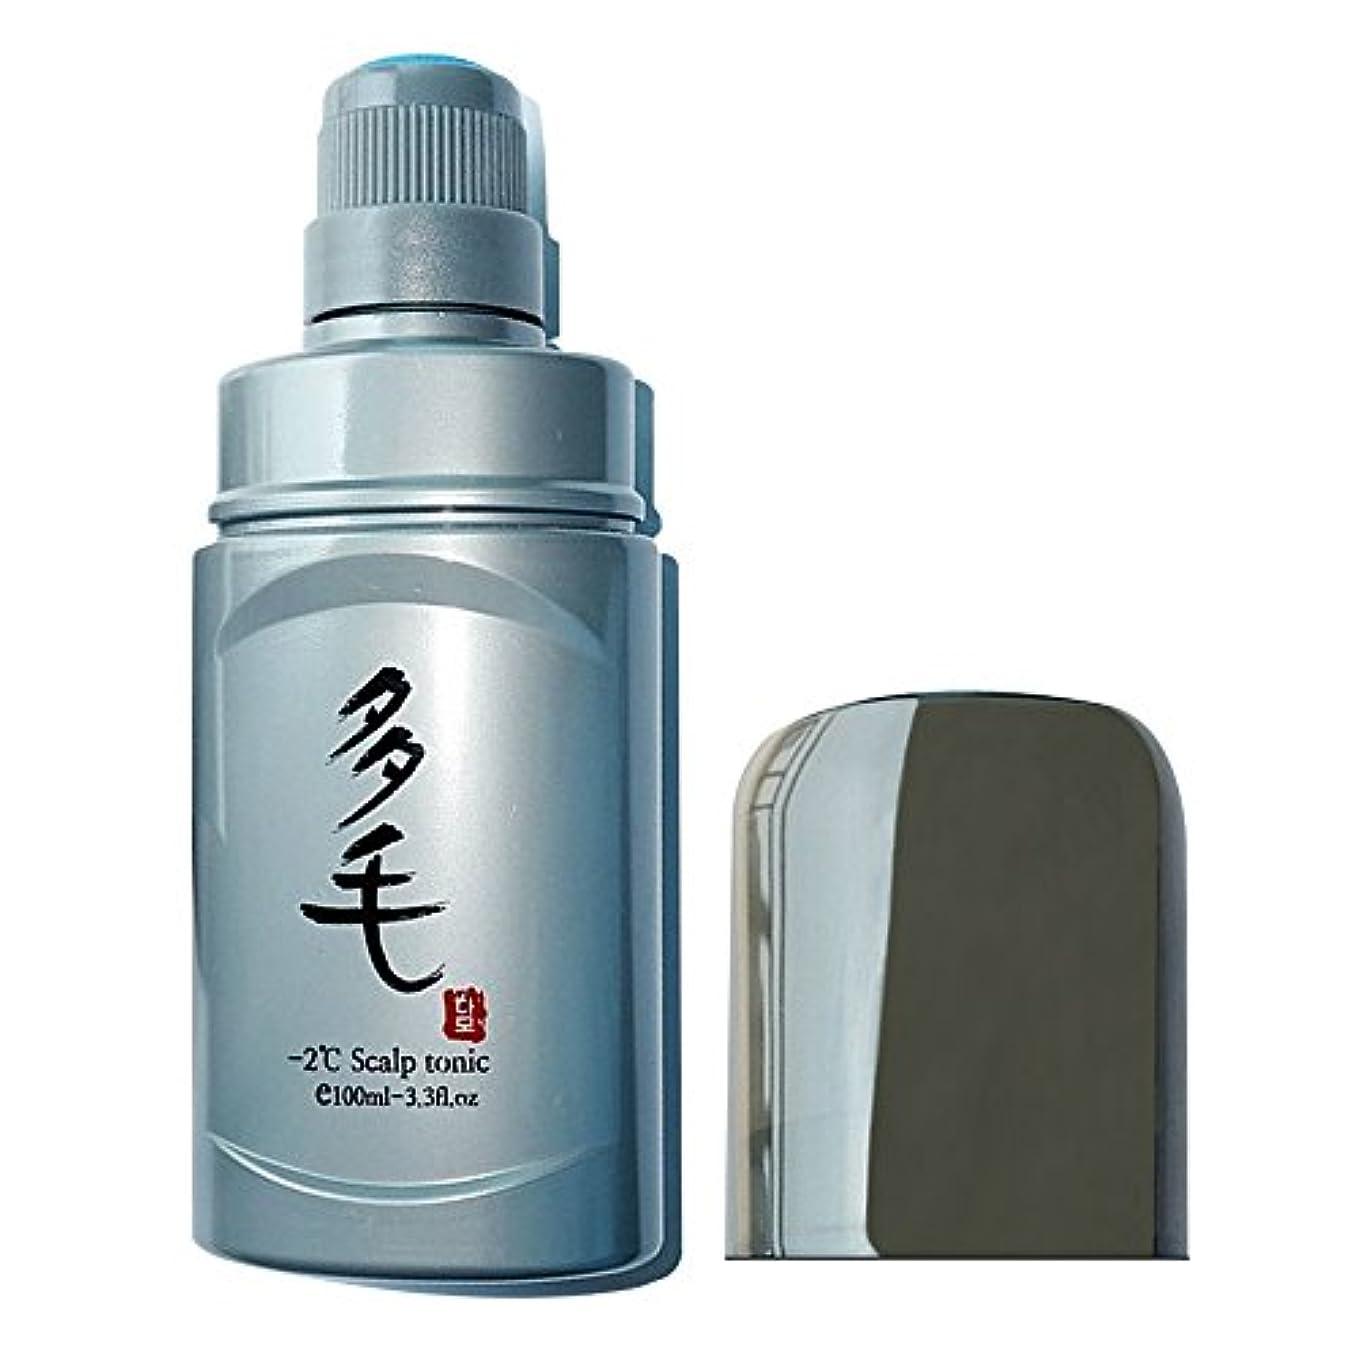 ヘアロス プリベンションand さいせい フィーバー 除去 in Scalp 100ml スカルプケア Sponge Applicator Bottle -2°C Scalp Tonic Liquid 並行輸入